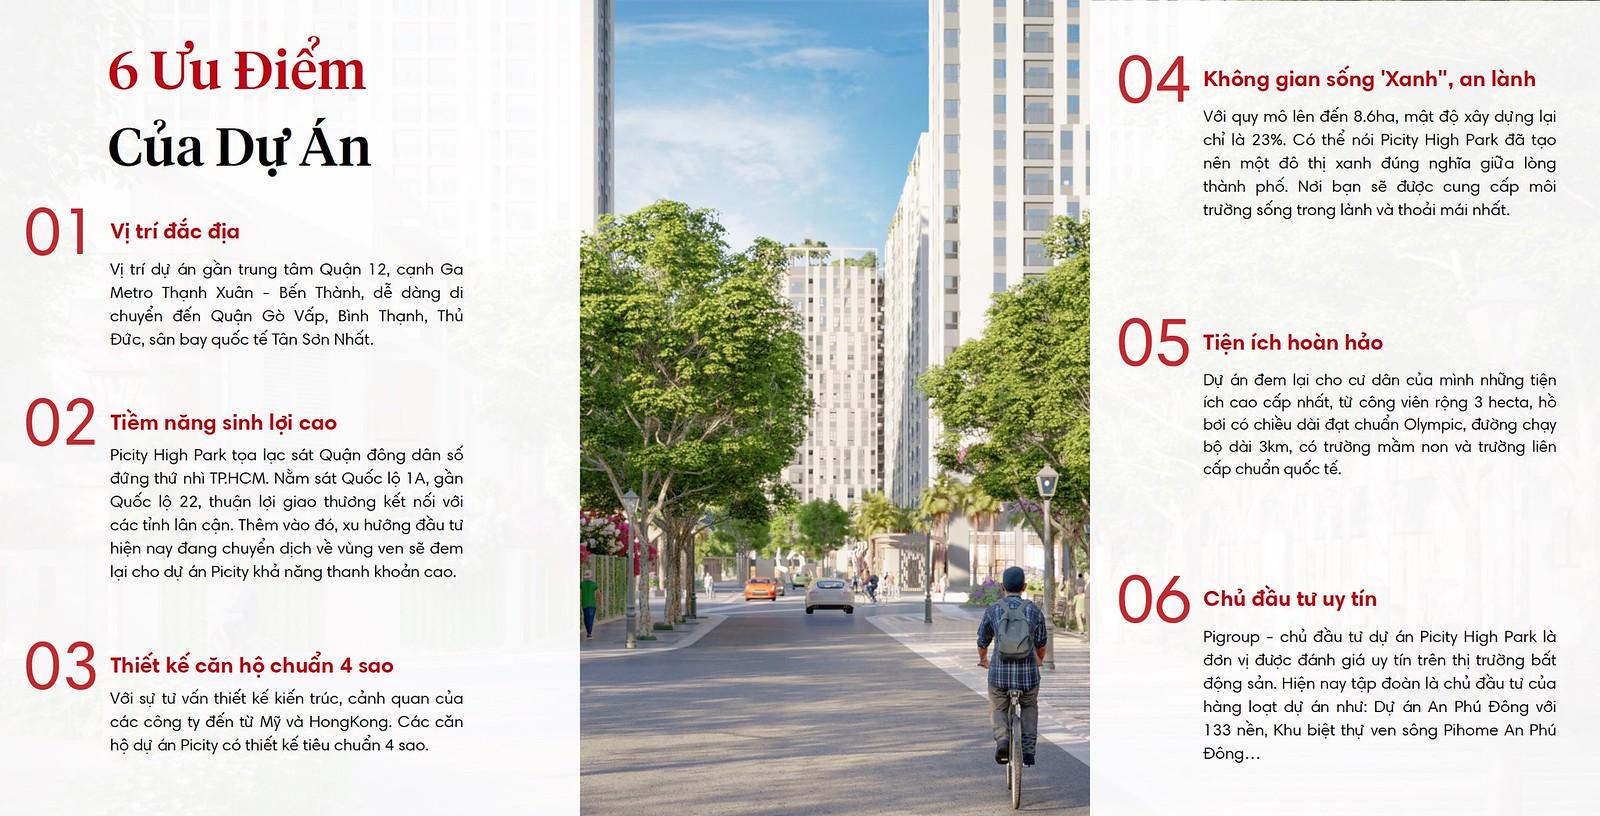 6 ưu điểm nổi bật của Picity High Park